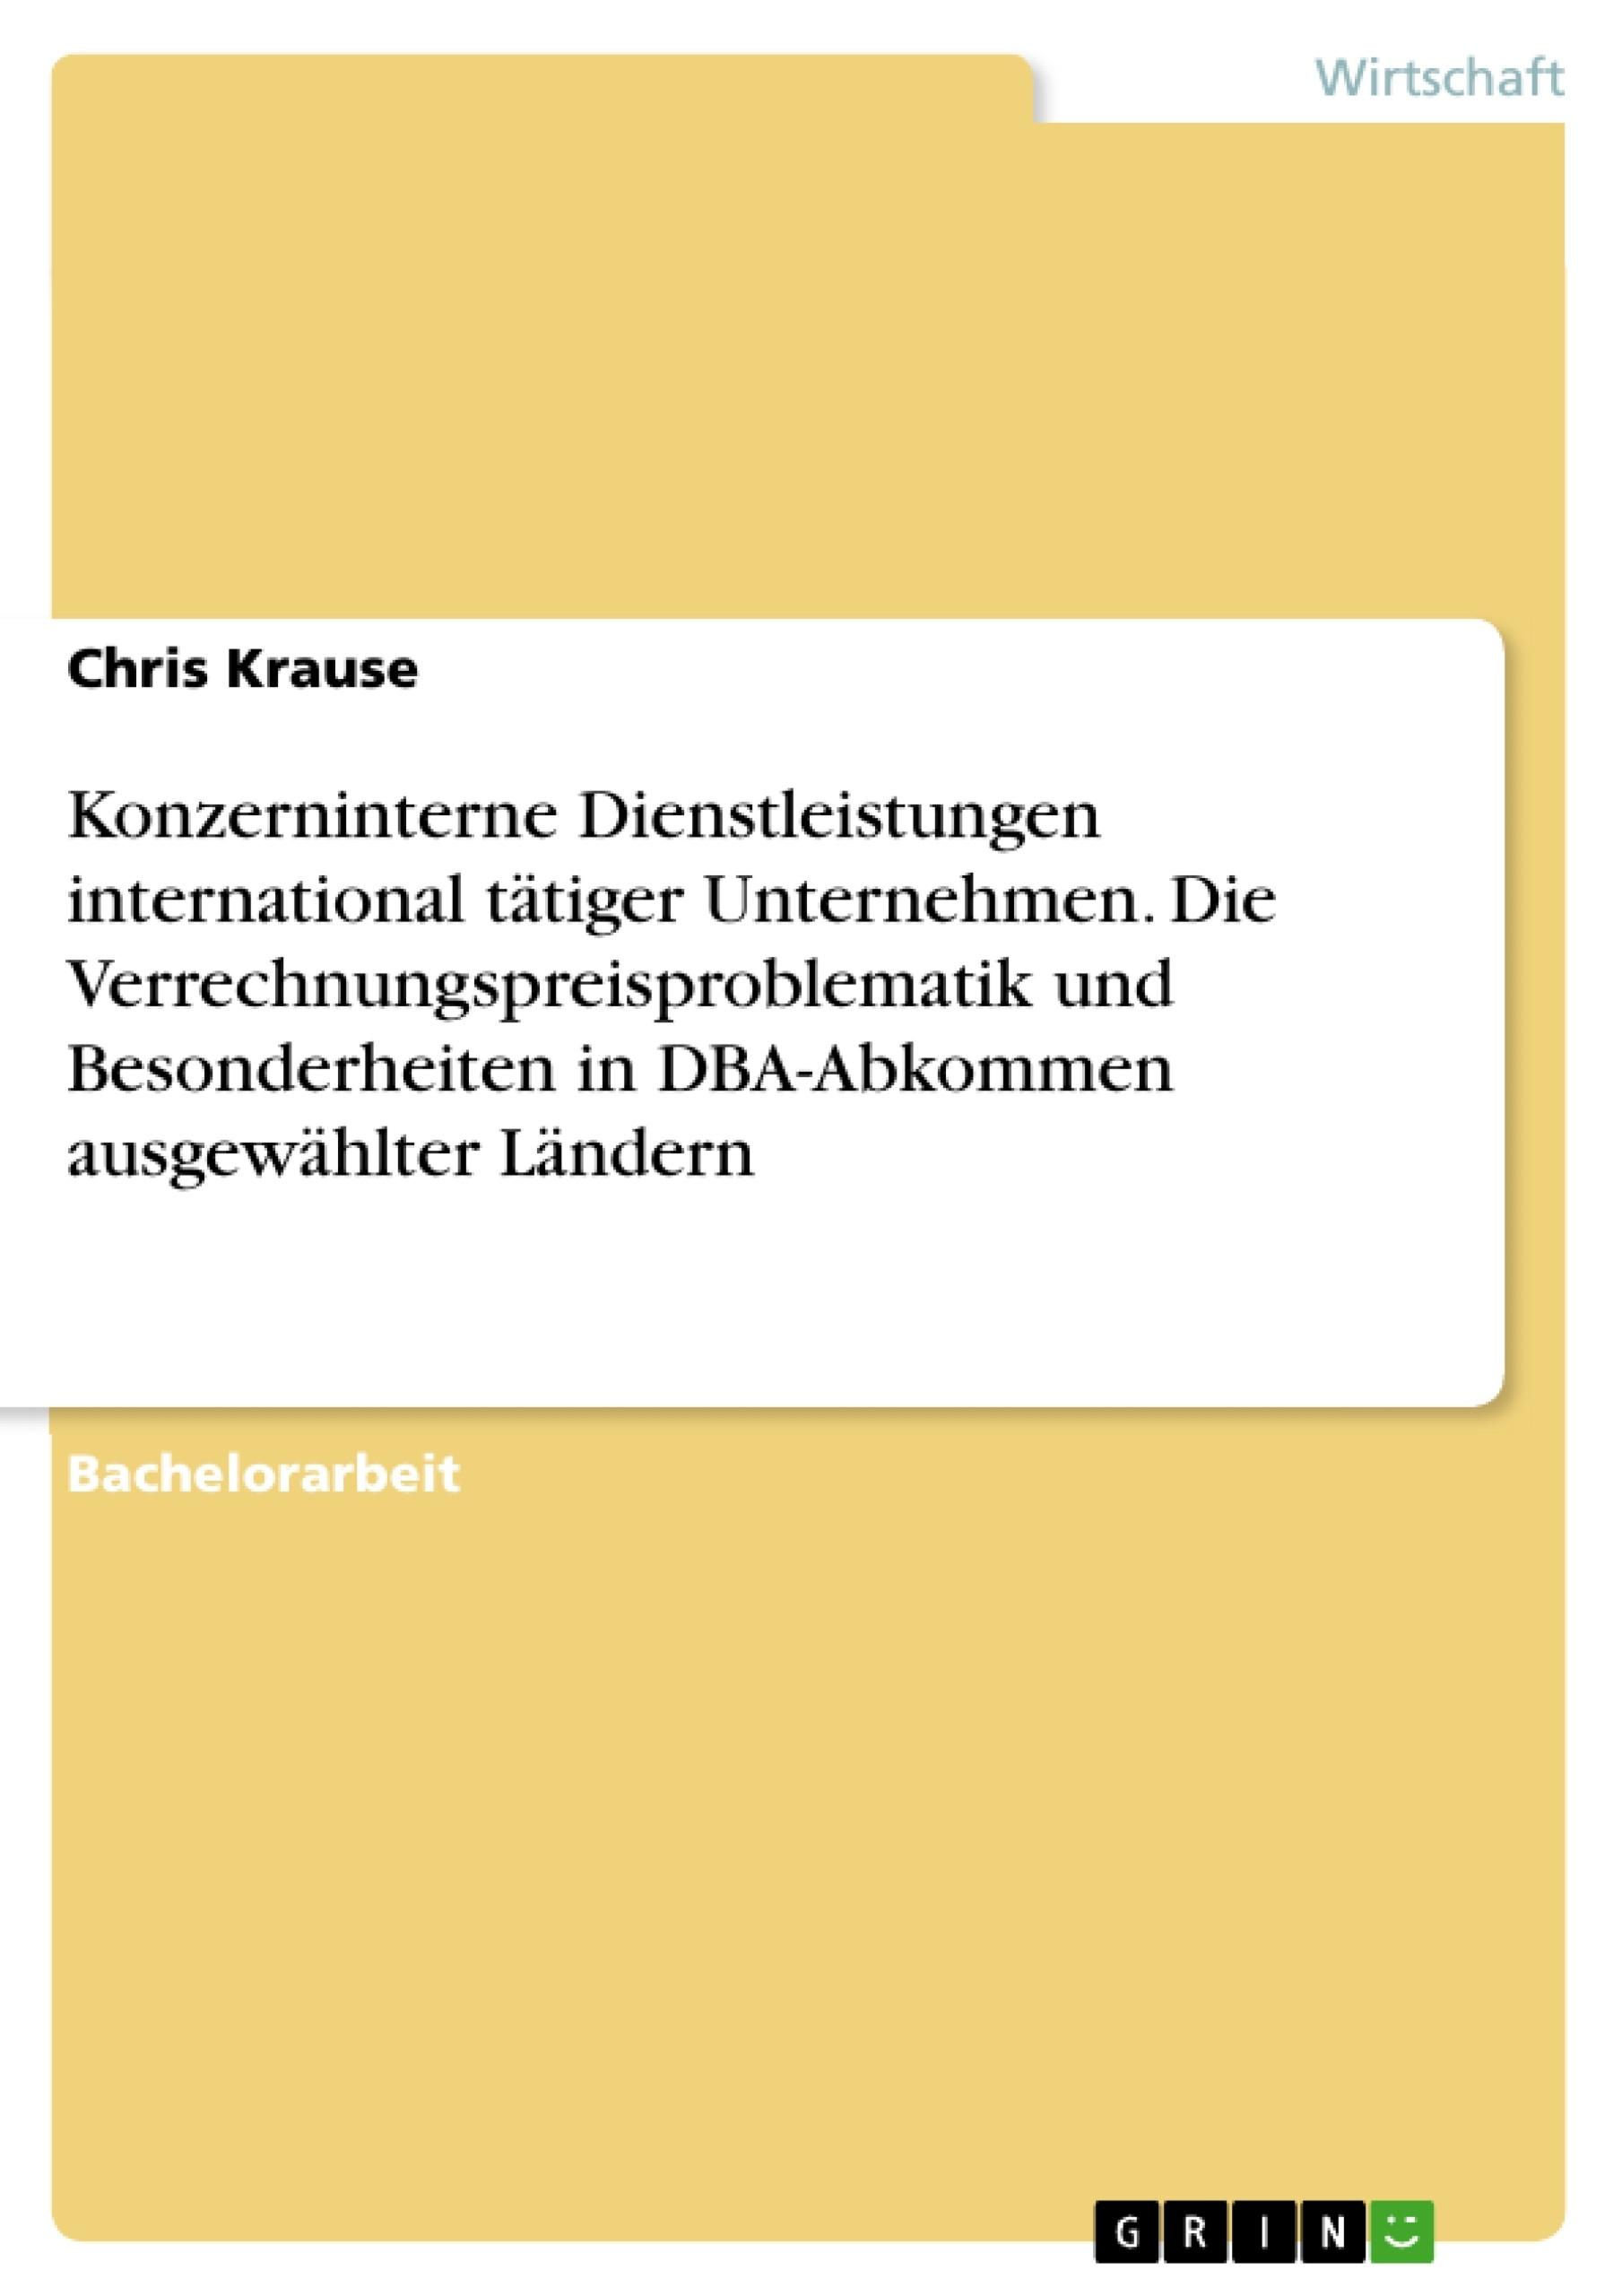 Titel: Konzerninterne Dienstleistungen international tätiger Unternehmen. Die Verrechnungspreisproblematik und Besonderheiten in DBA-Abkommen ausgewählter Ländern